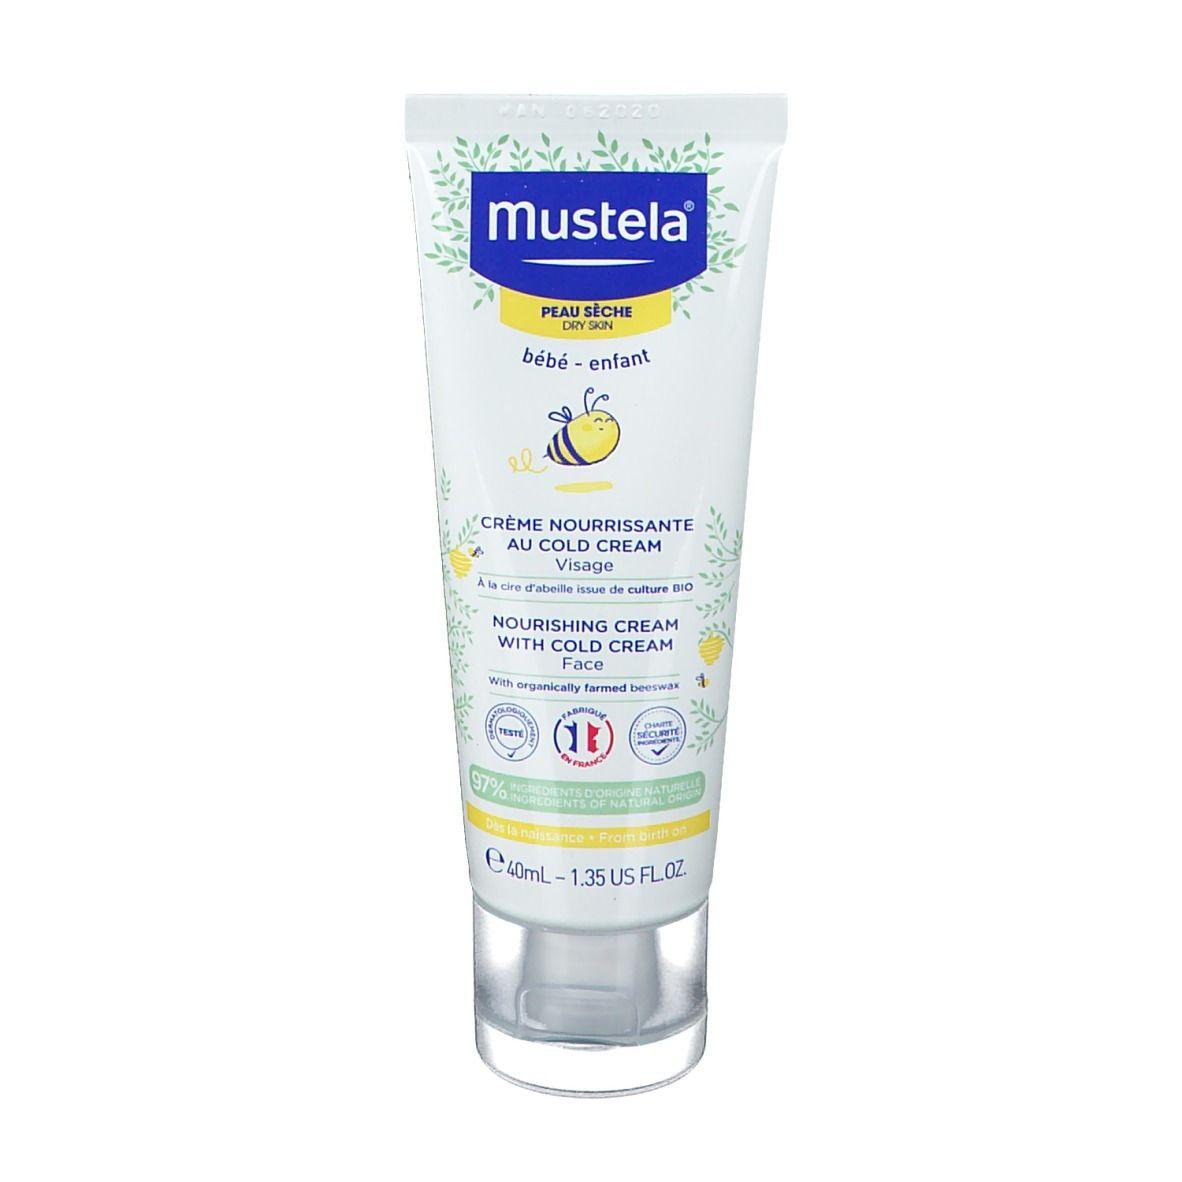 mustela® Bébé Enfant Crème Nourrissante au Cold Cream Peau Sèche ml crème